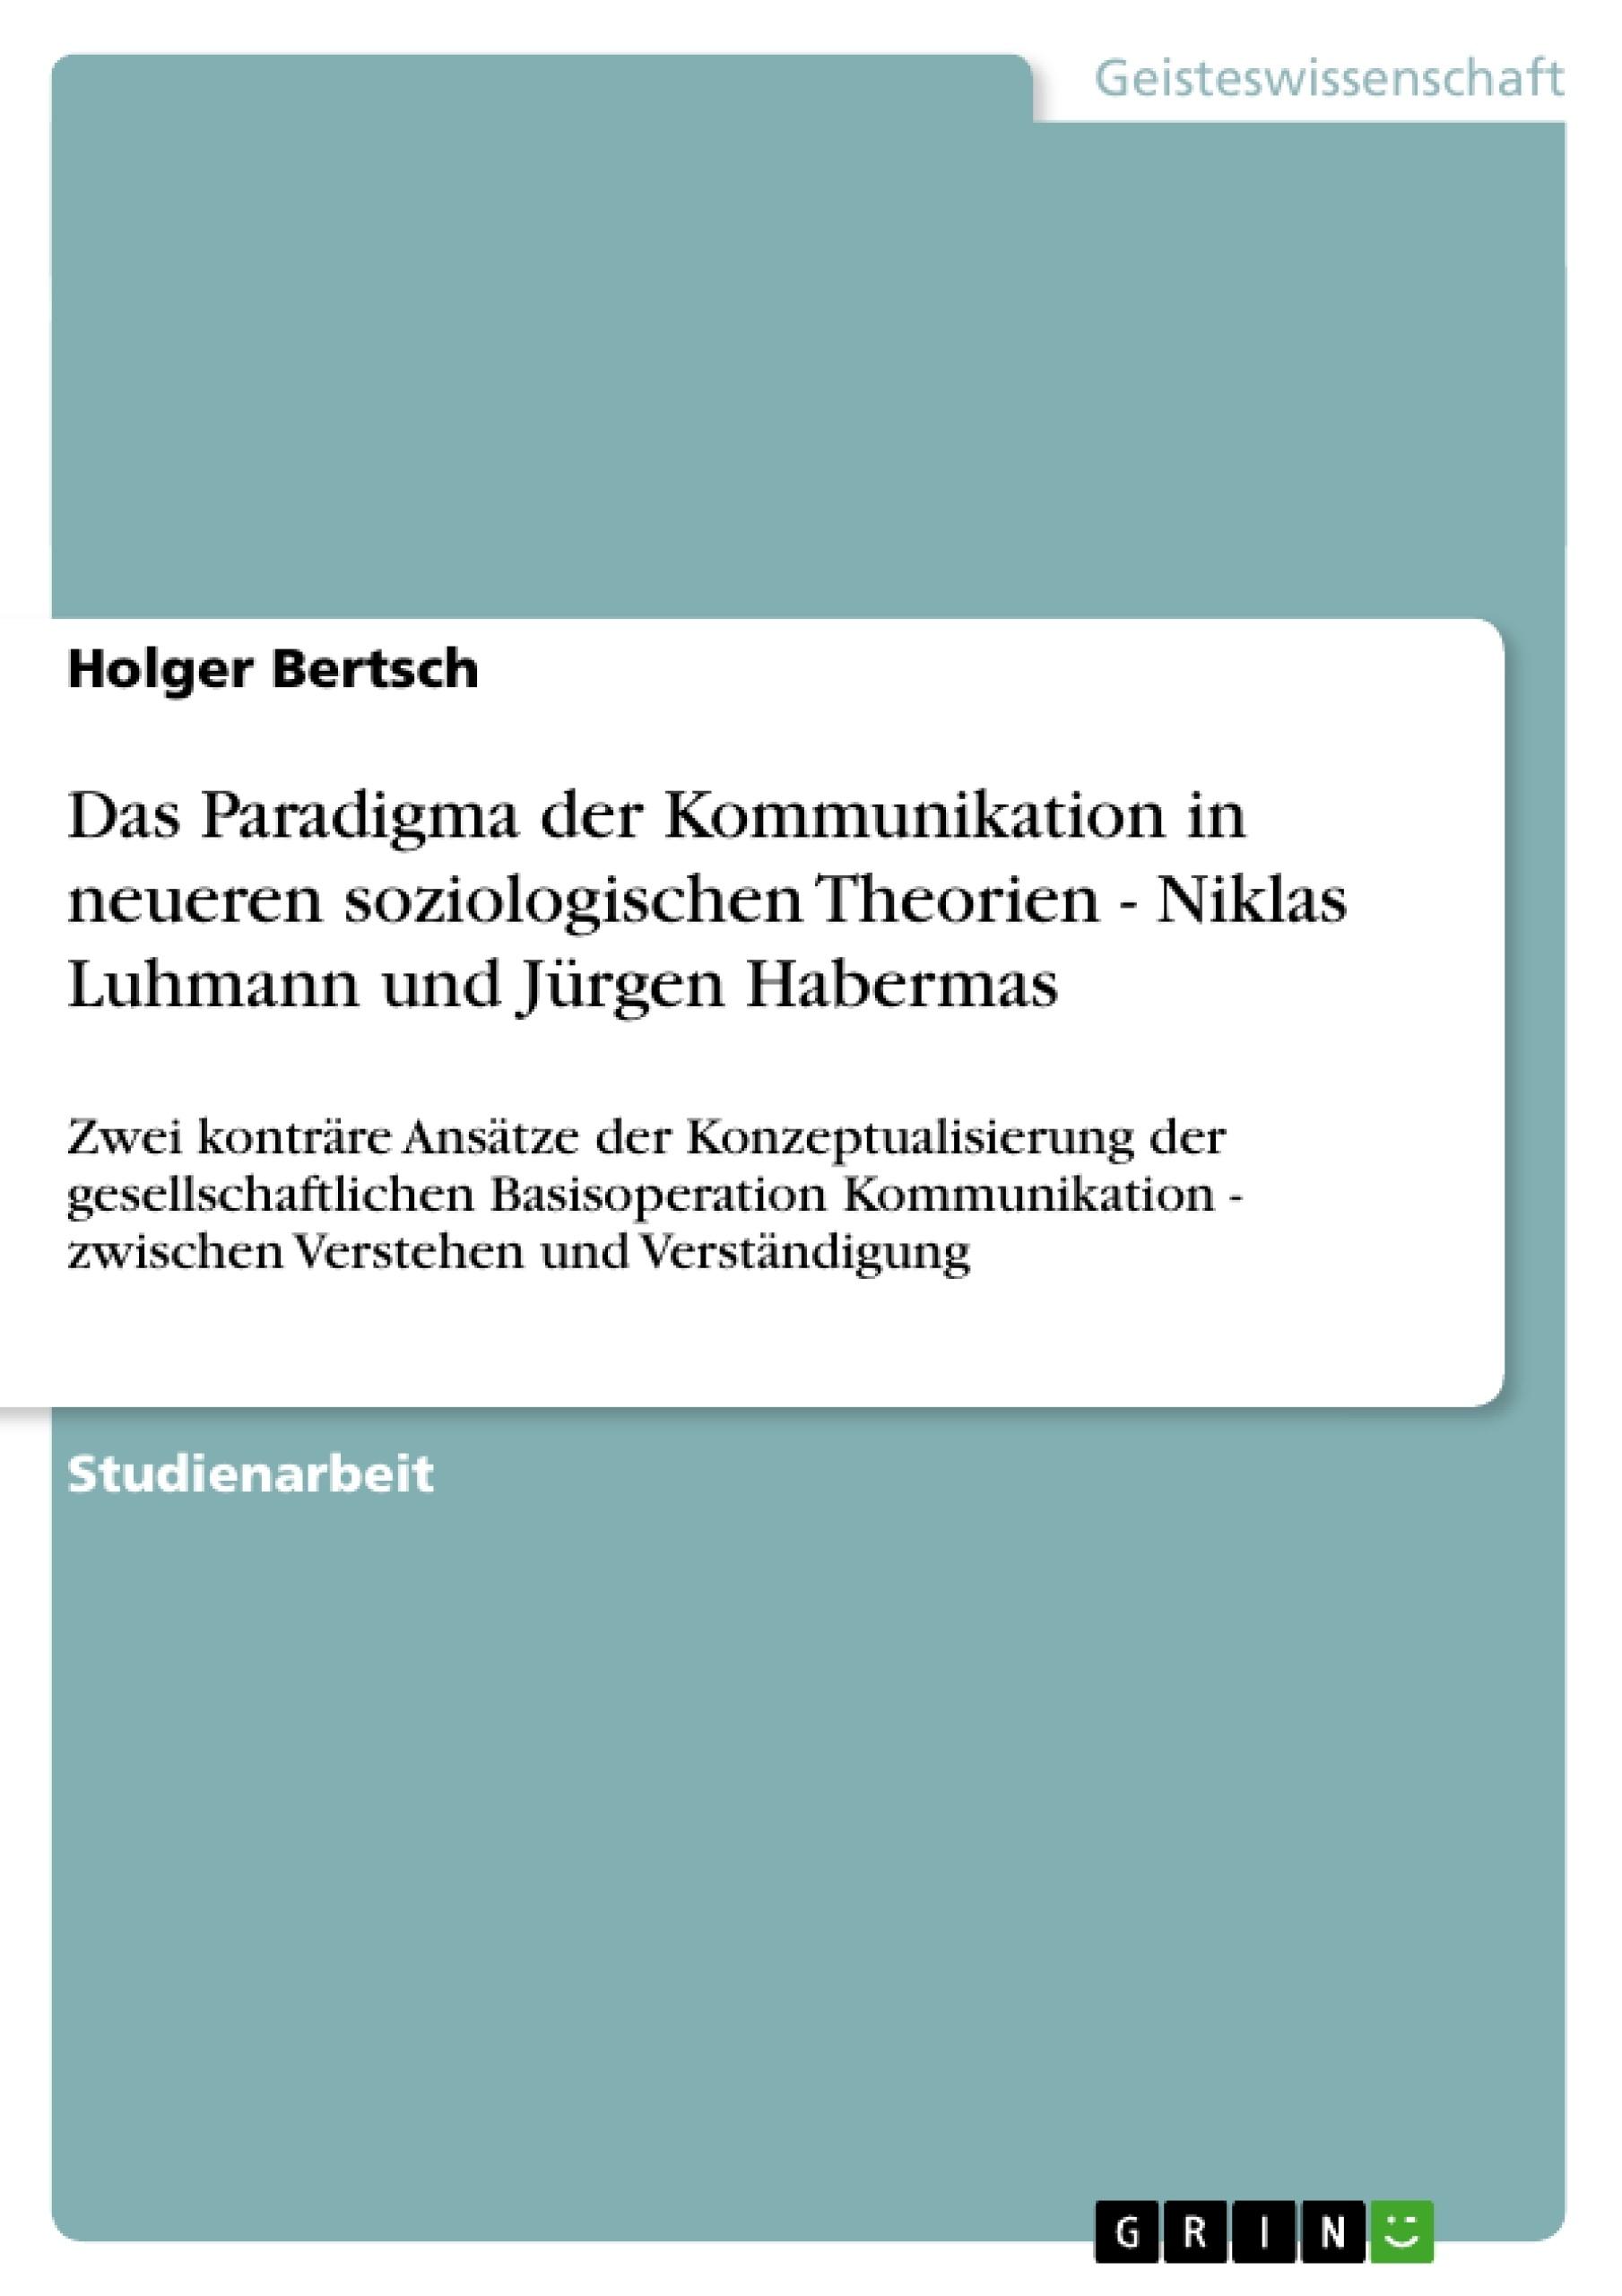 Titel: Das Paradigma der Kommunikation in neueren soziologischen Theorien - Niklas Luhmann und Jürgen Habermas